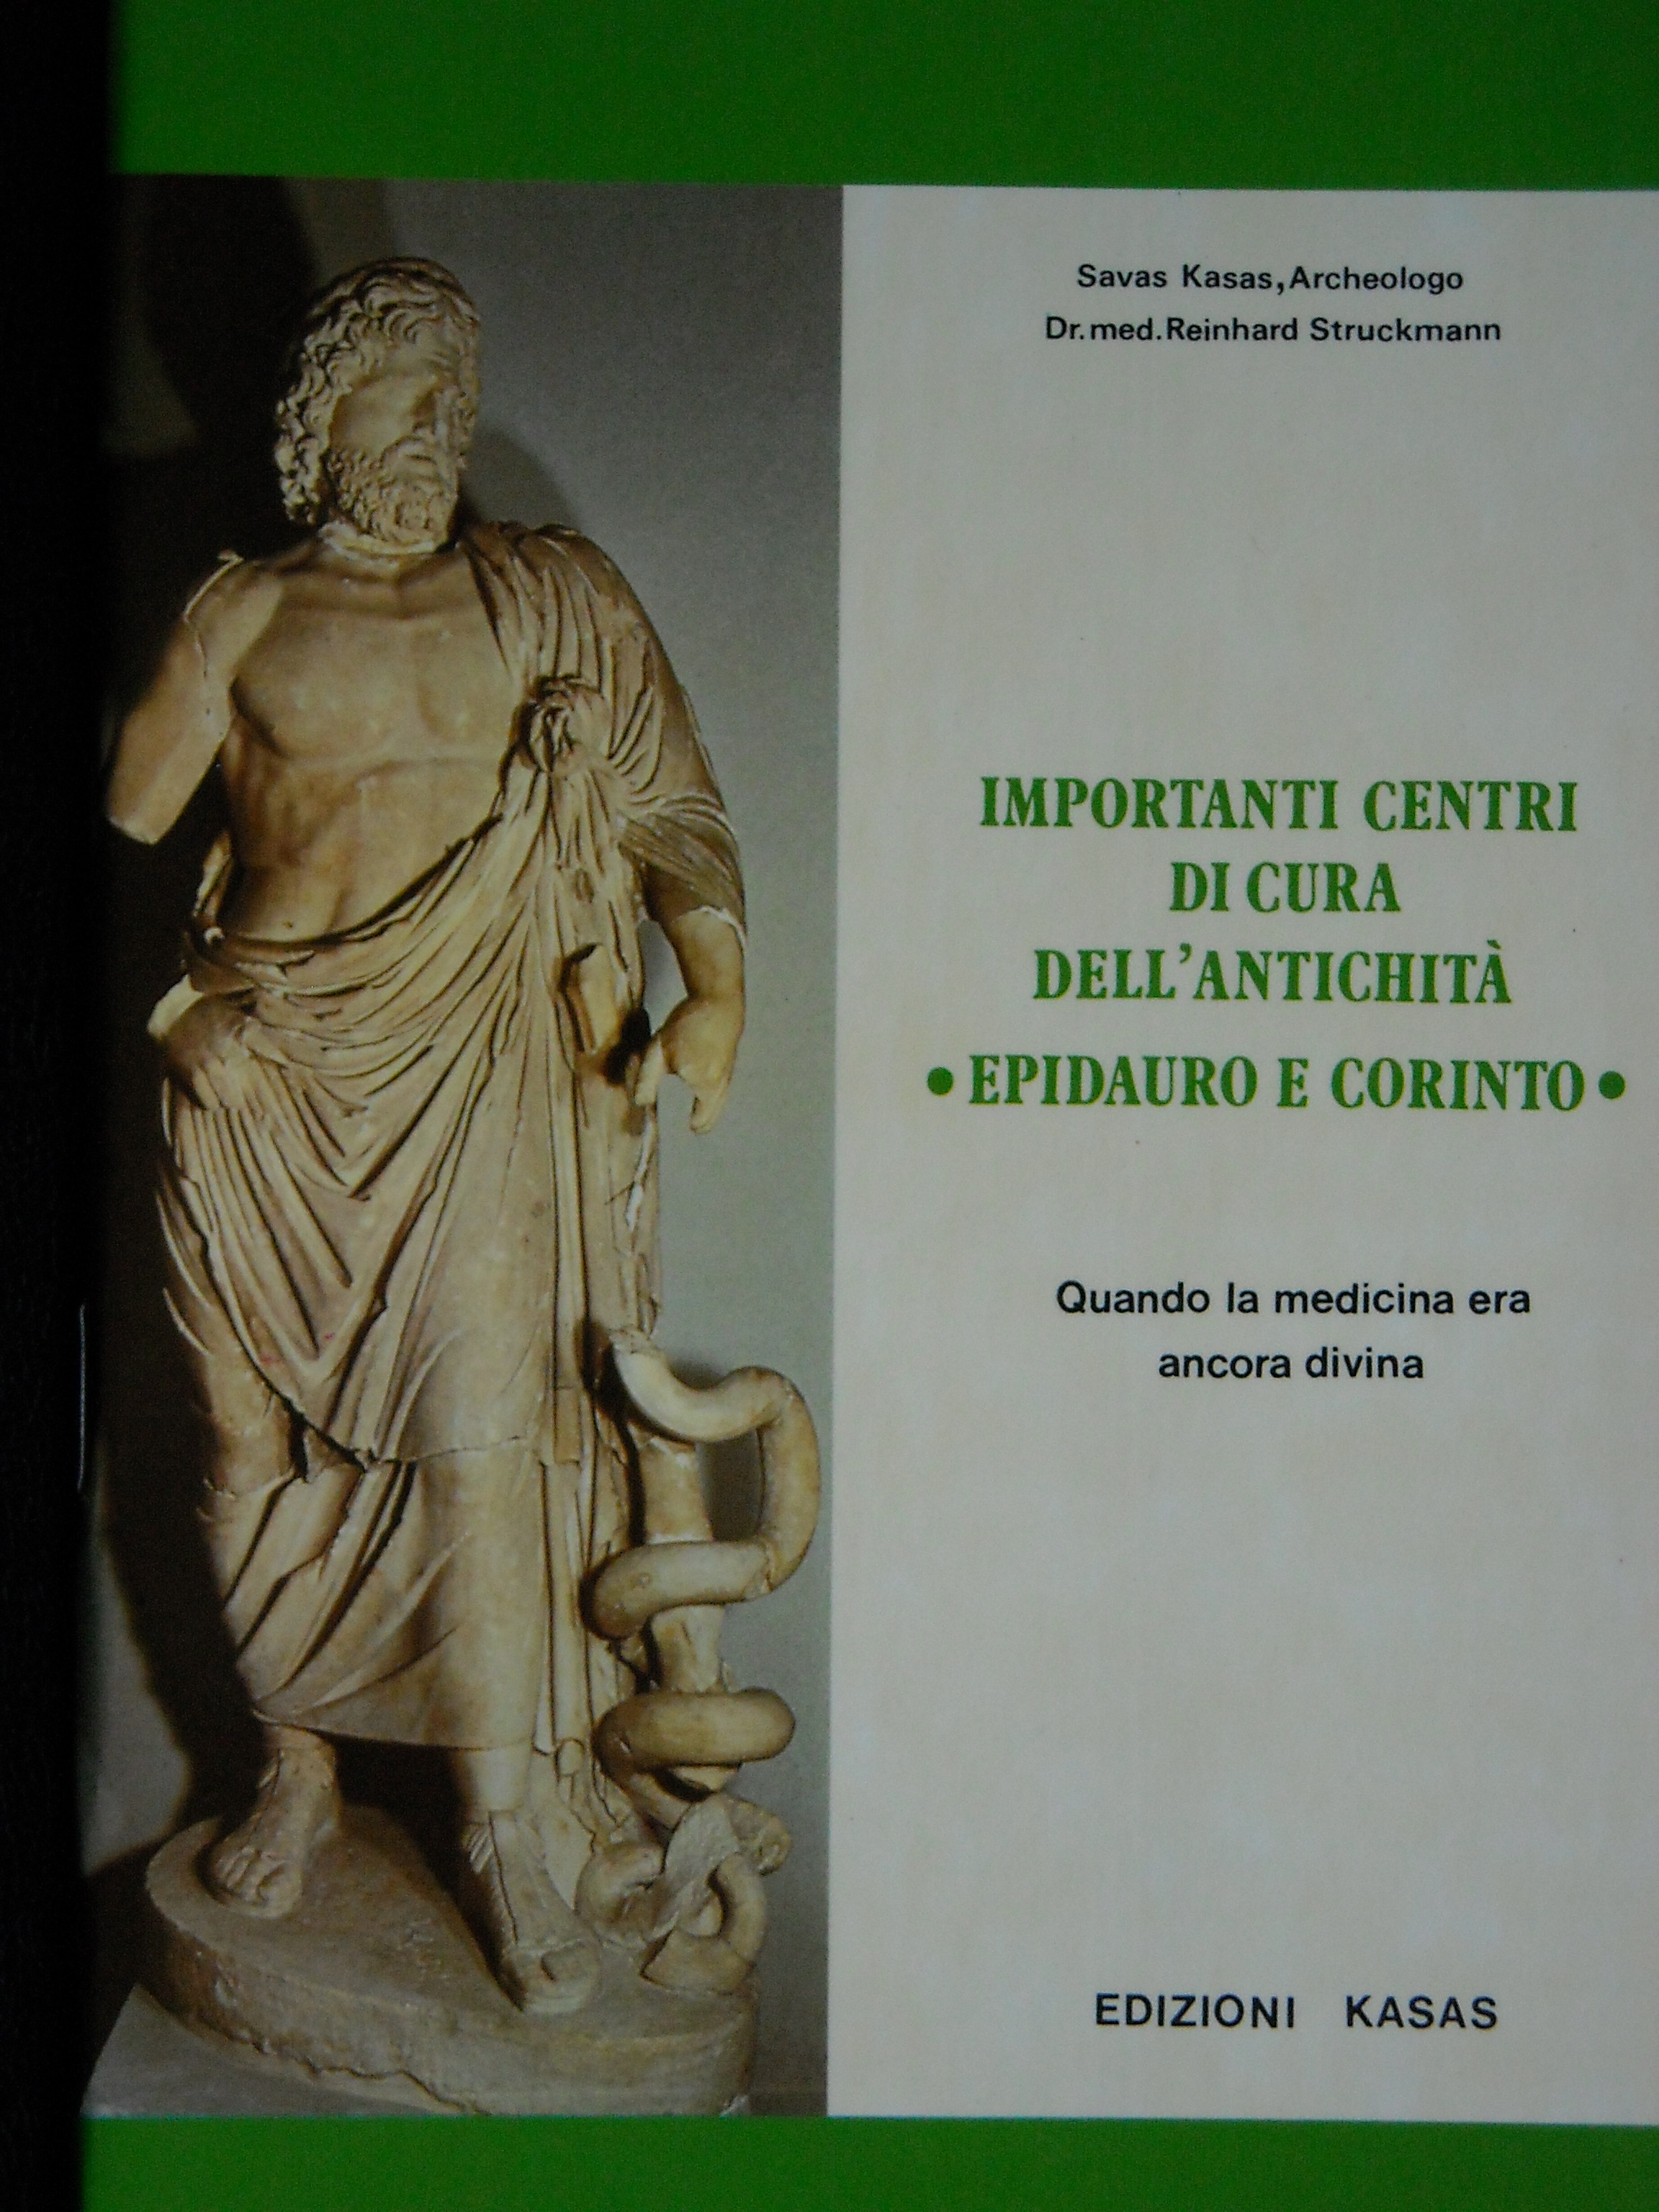 Importanti centri di cura dell'antichità